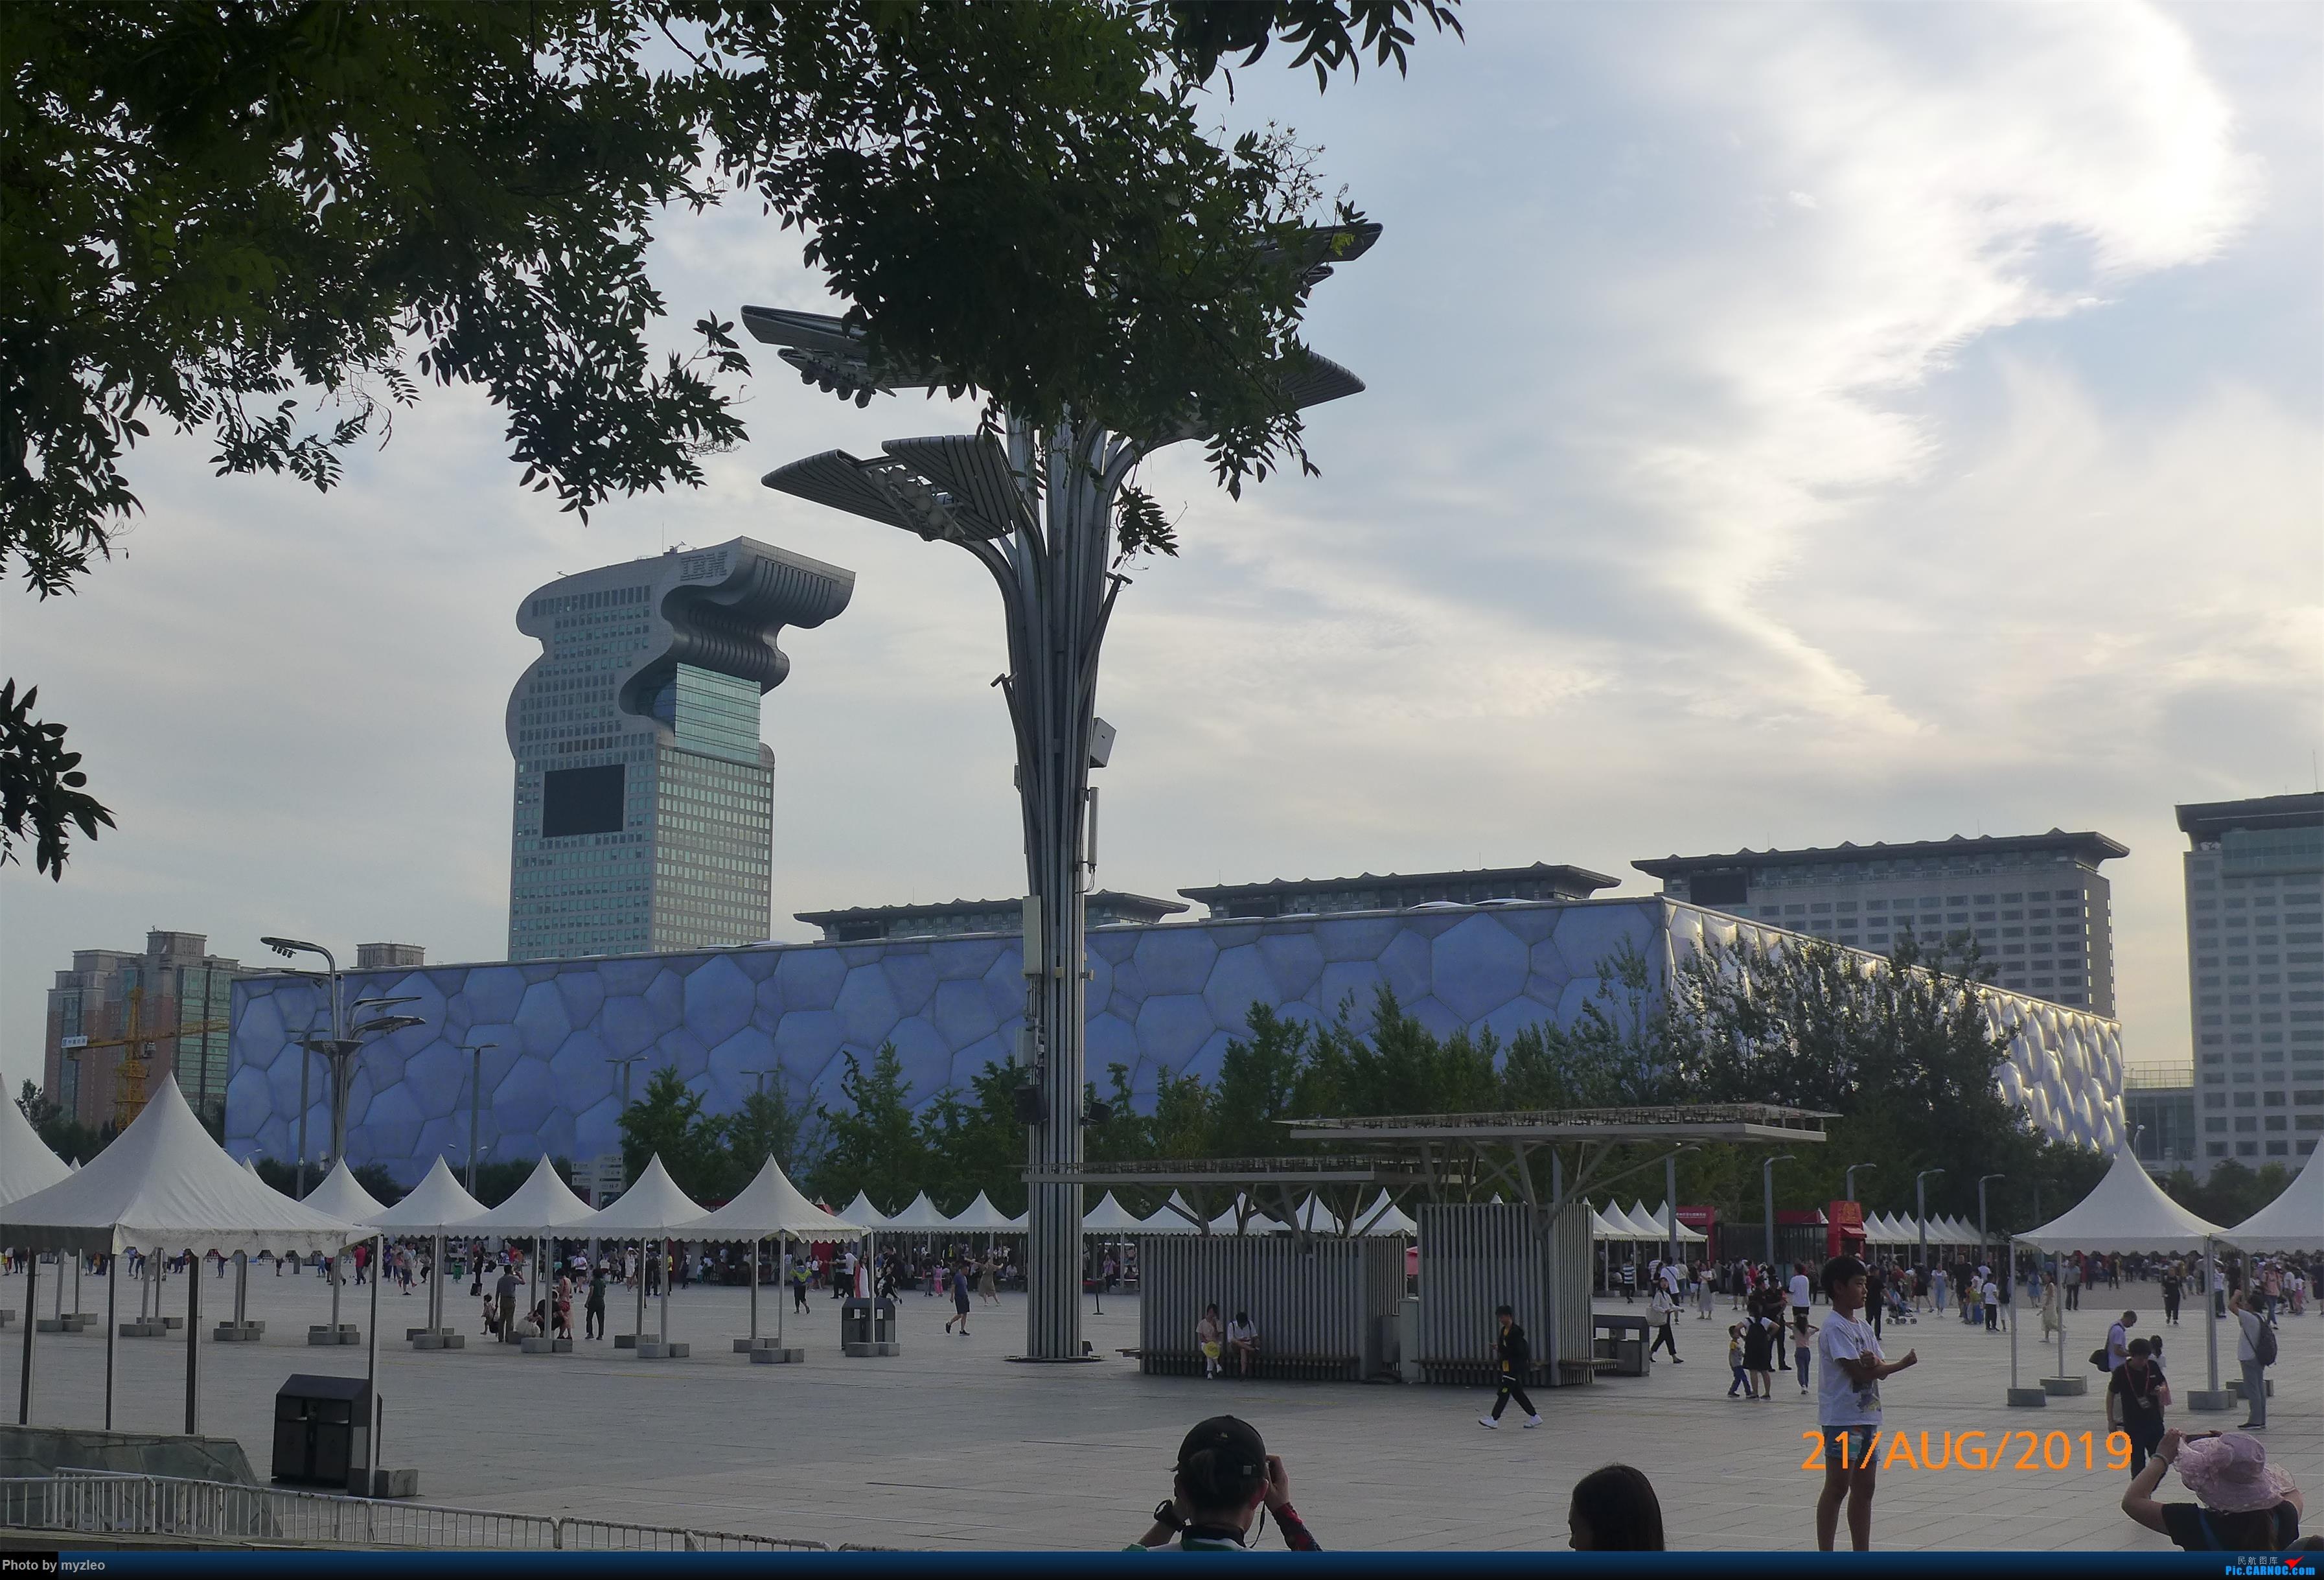 Re:[原创]【myzleo的游记5.1】梦圆一九(1)首搭国航359,北京城里到处走